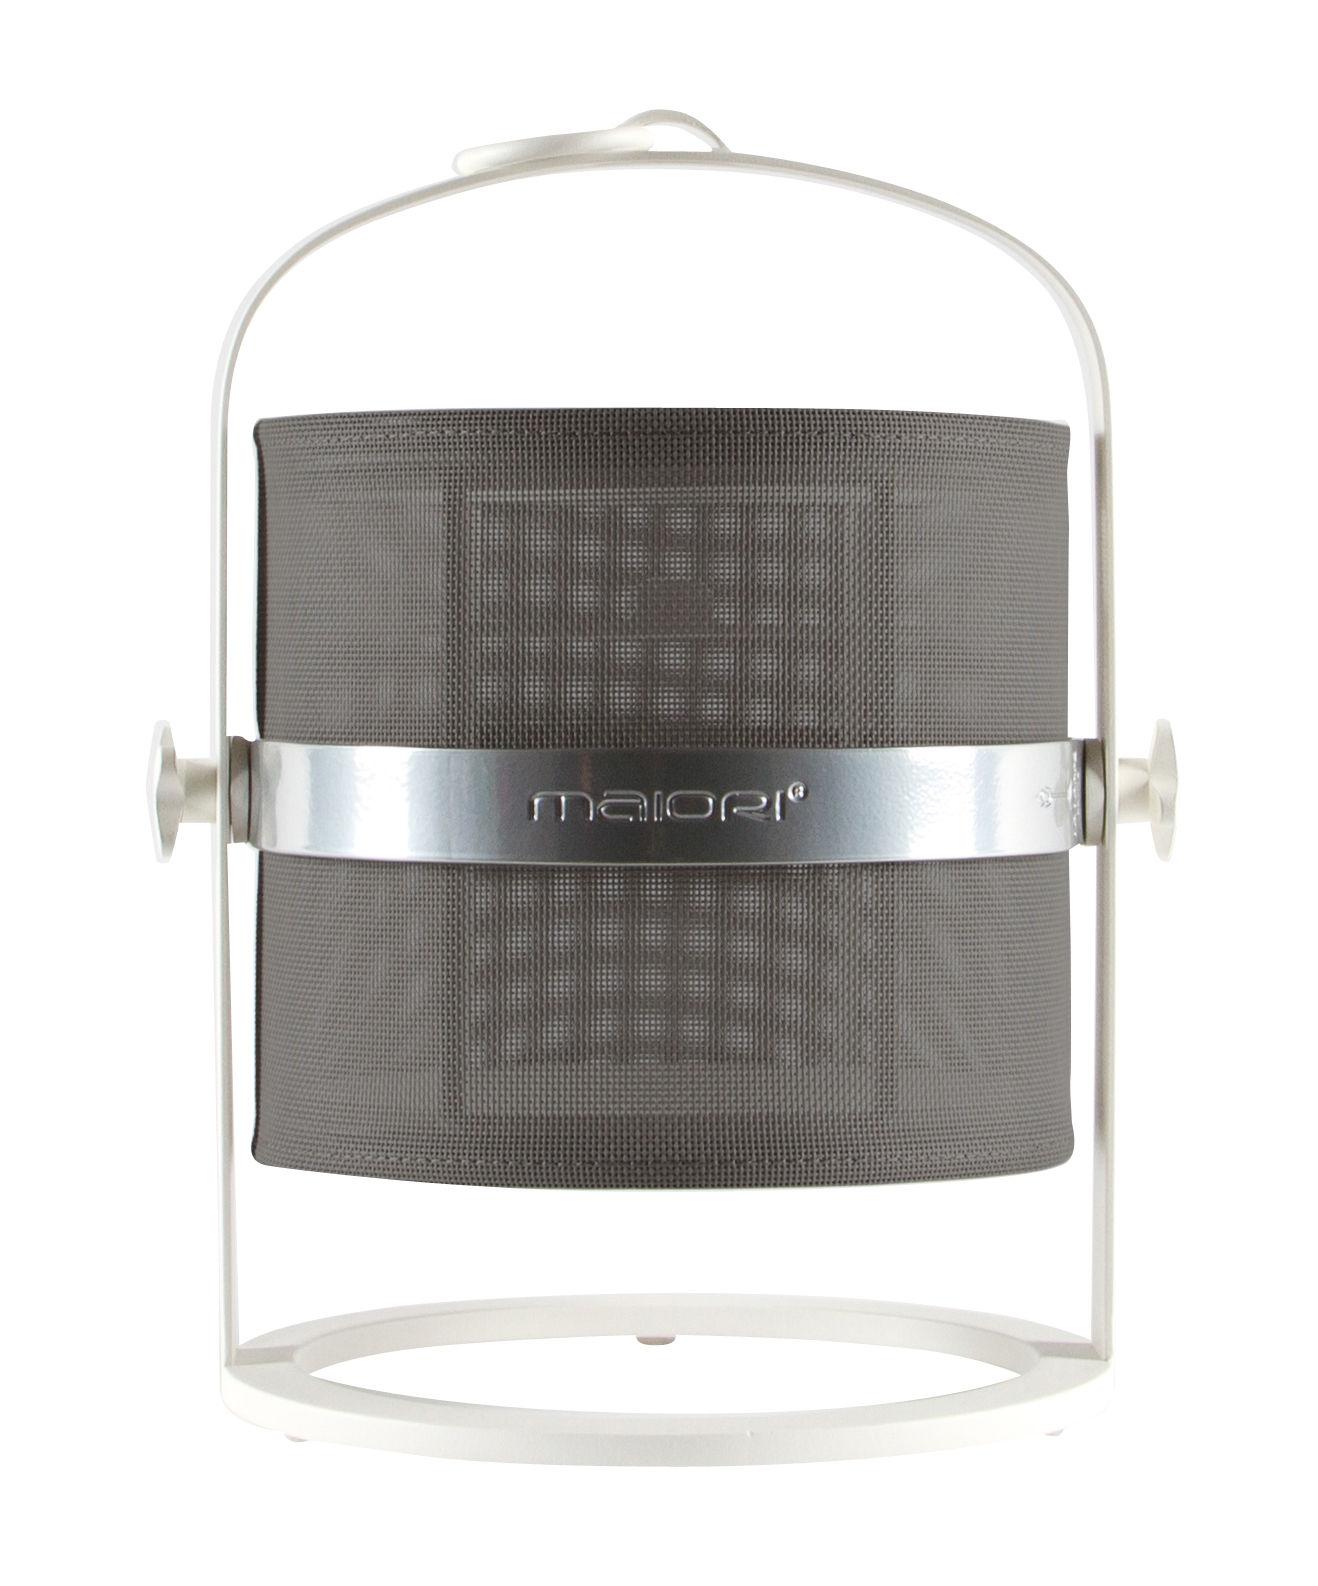 Leuchten - Tischleuchten - La Lampe Petite LED Solarlampe / kabellos - Gestell weiß - Maiori - Khaki / Gestell weiß - Aluminium, Tissu technique